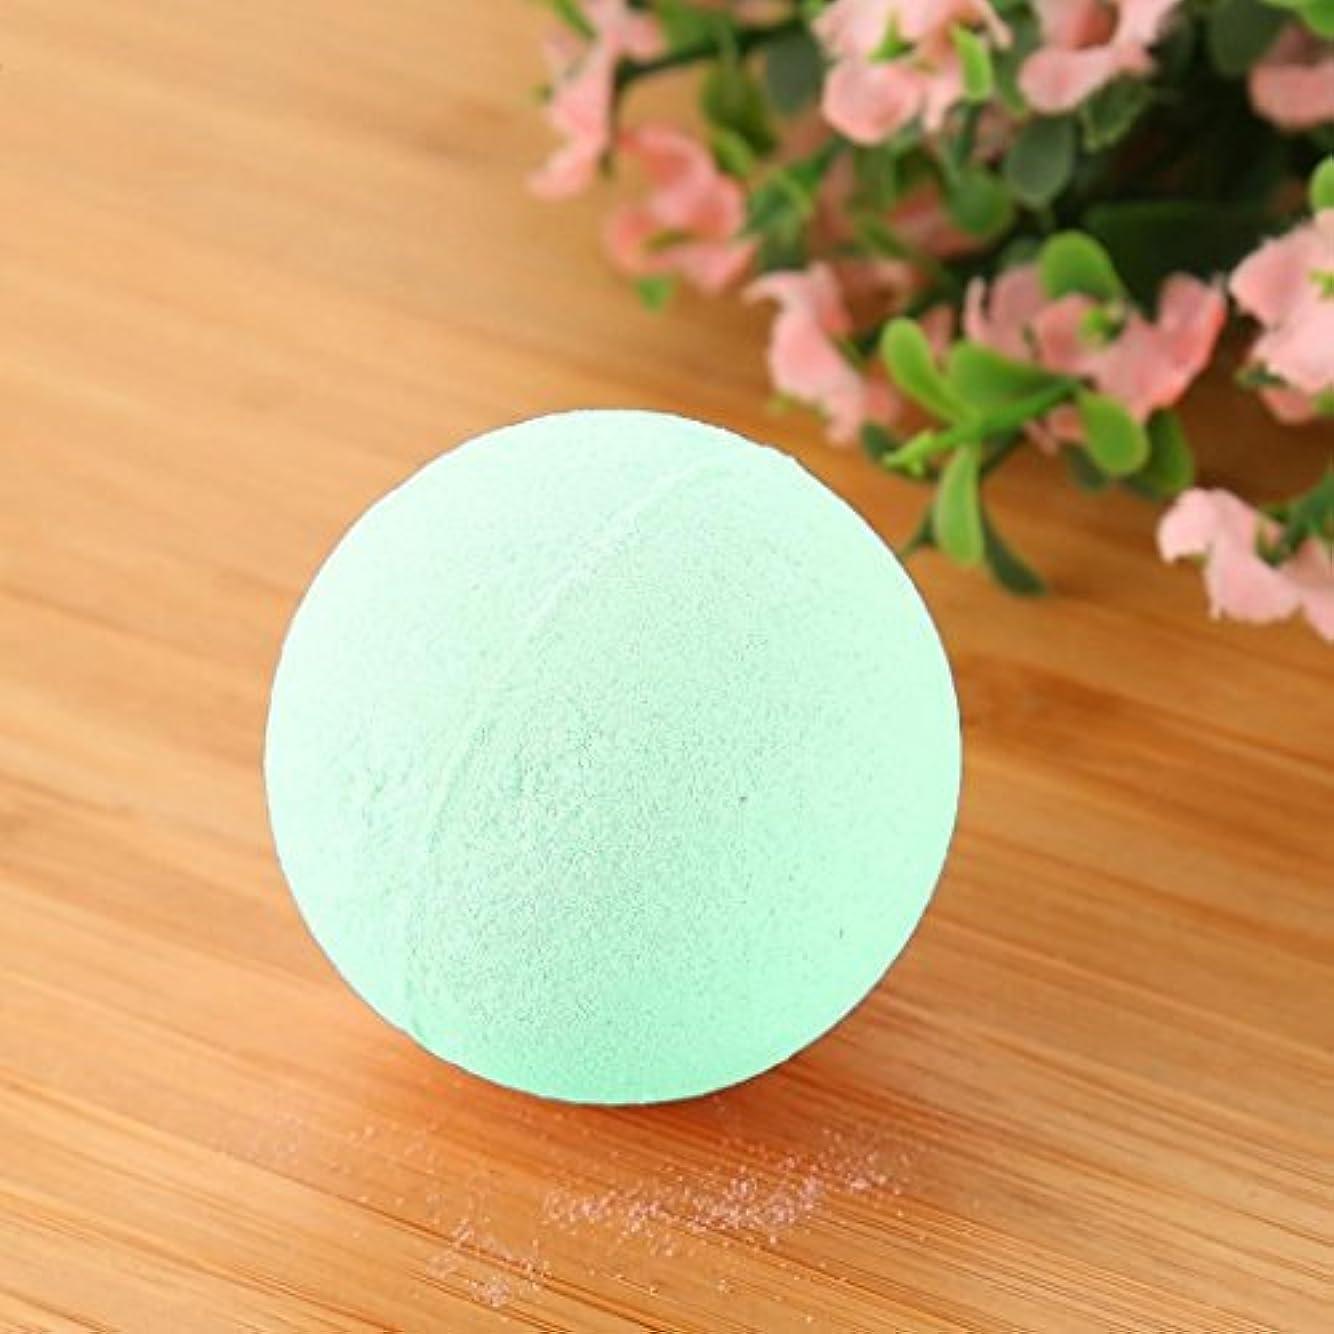 水素誘う骨髄バブル塩風呂の贈り物のためにボールをリラックスした女性の塩